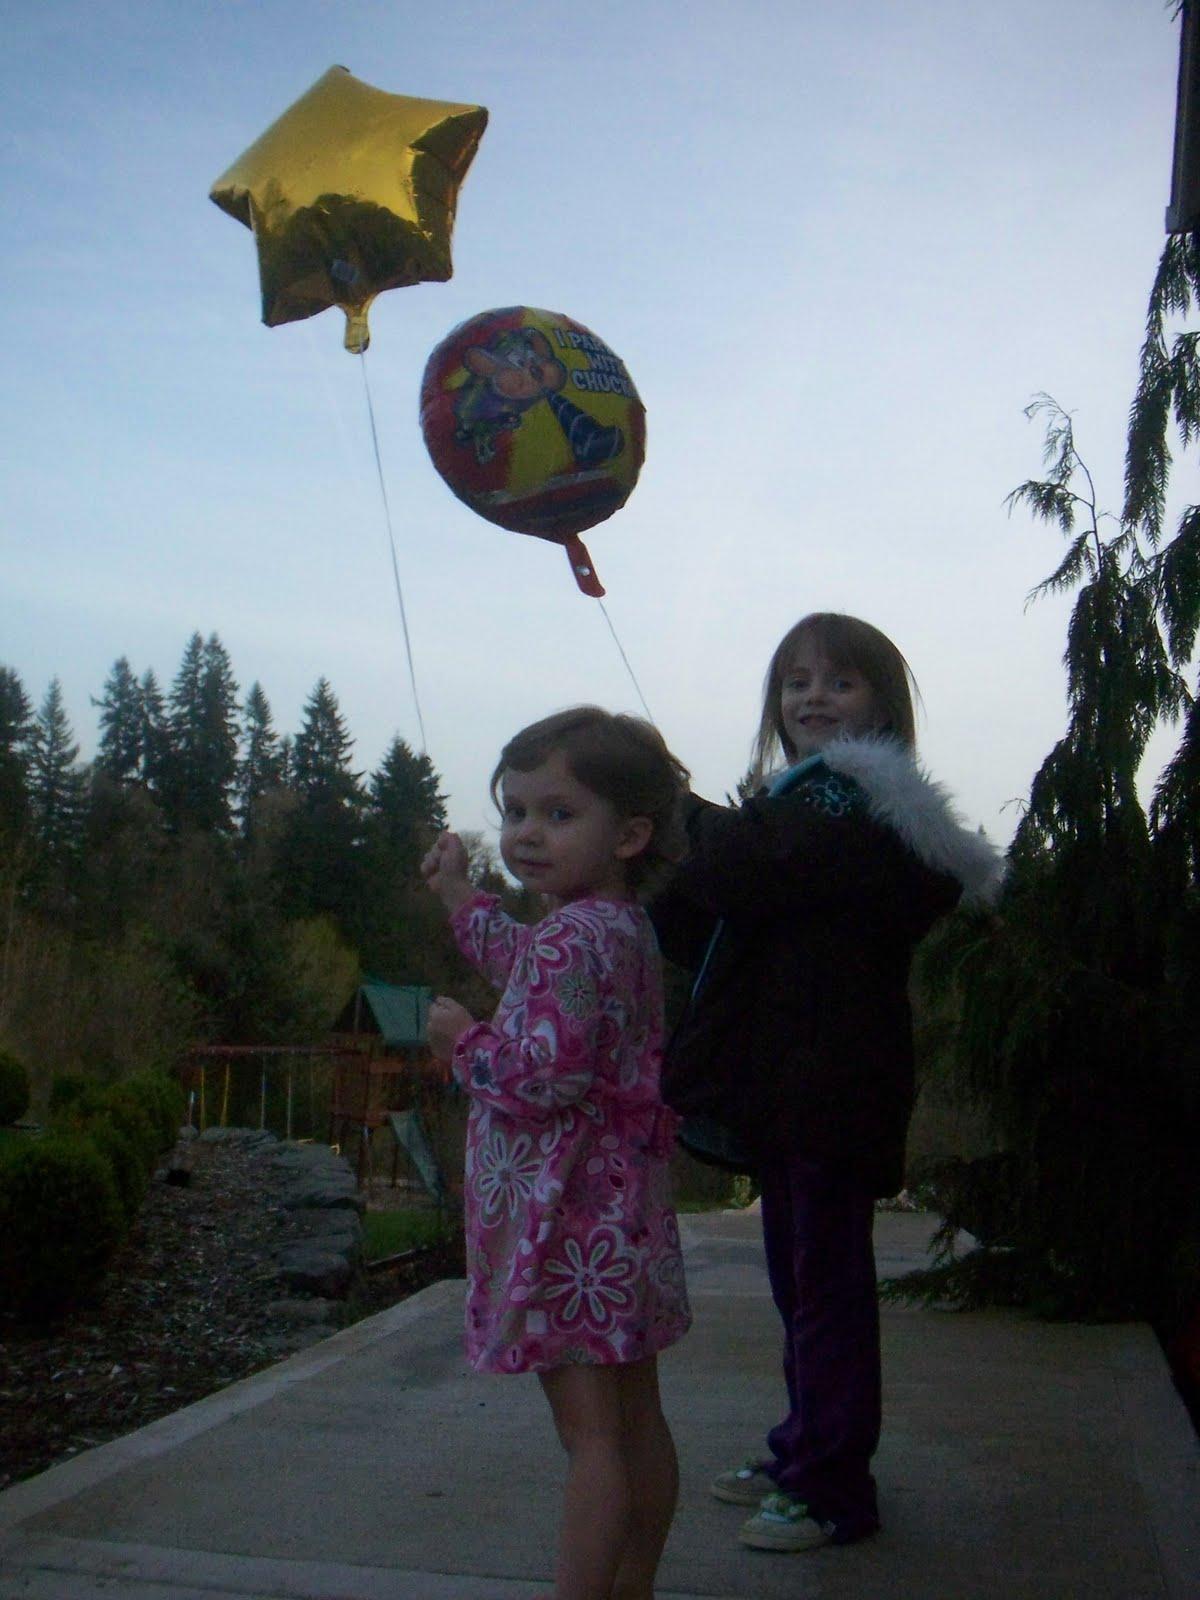 Releasing Balloons Long Beach Ca